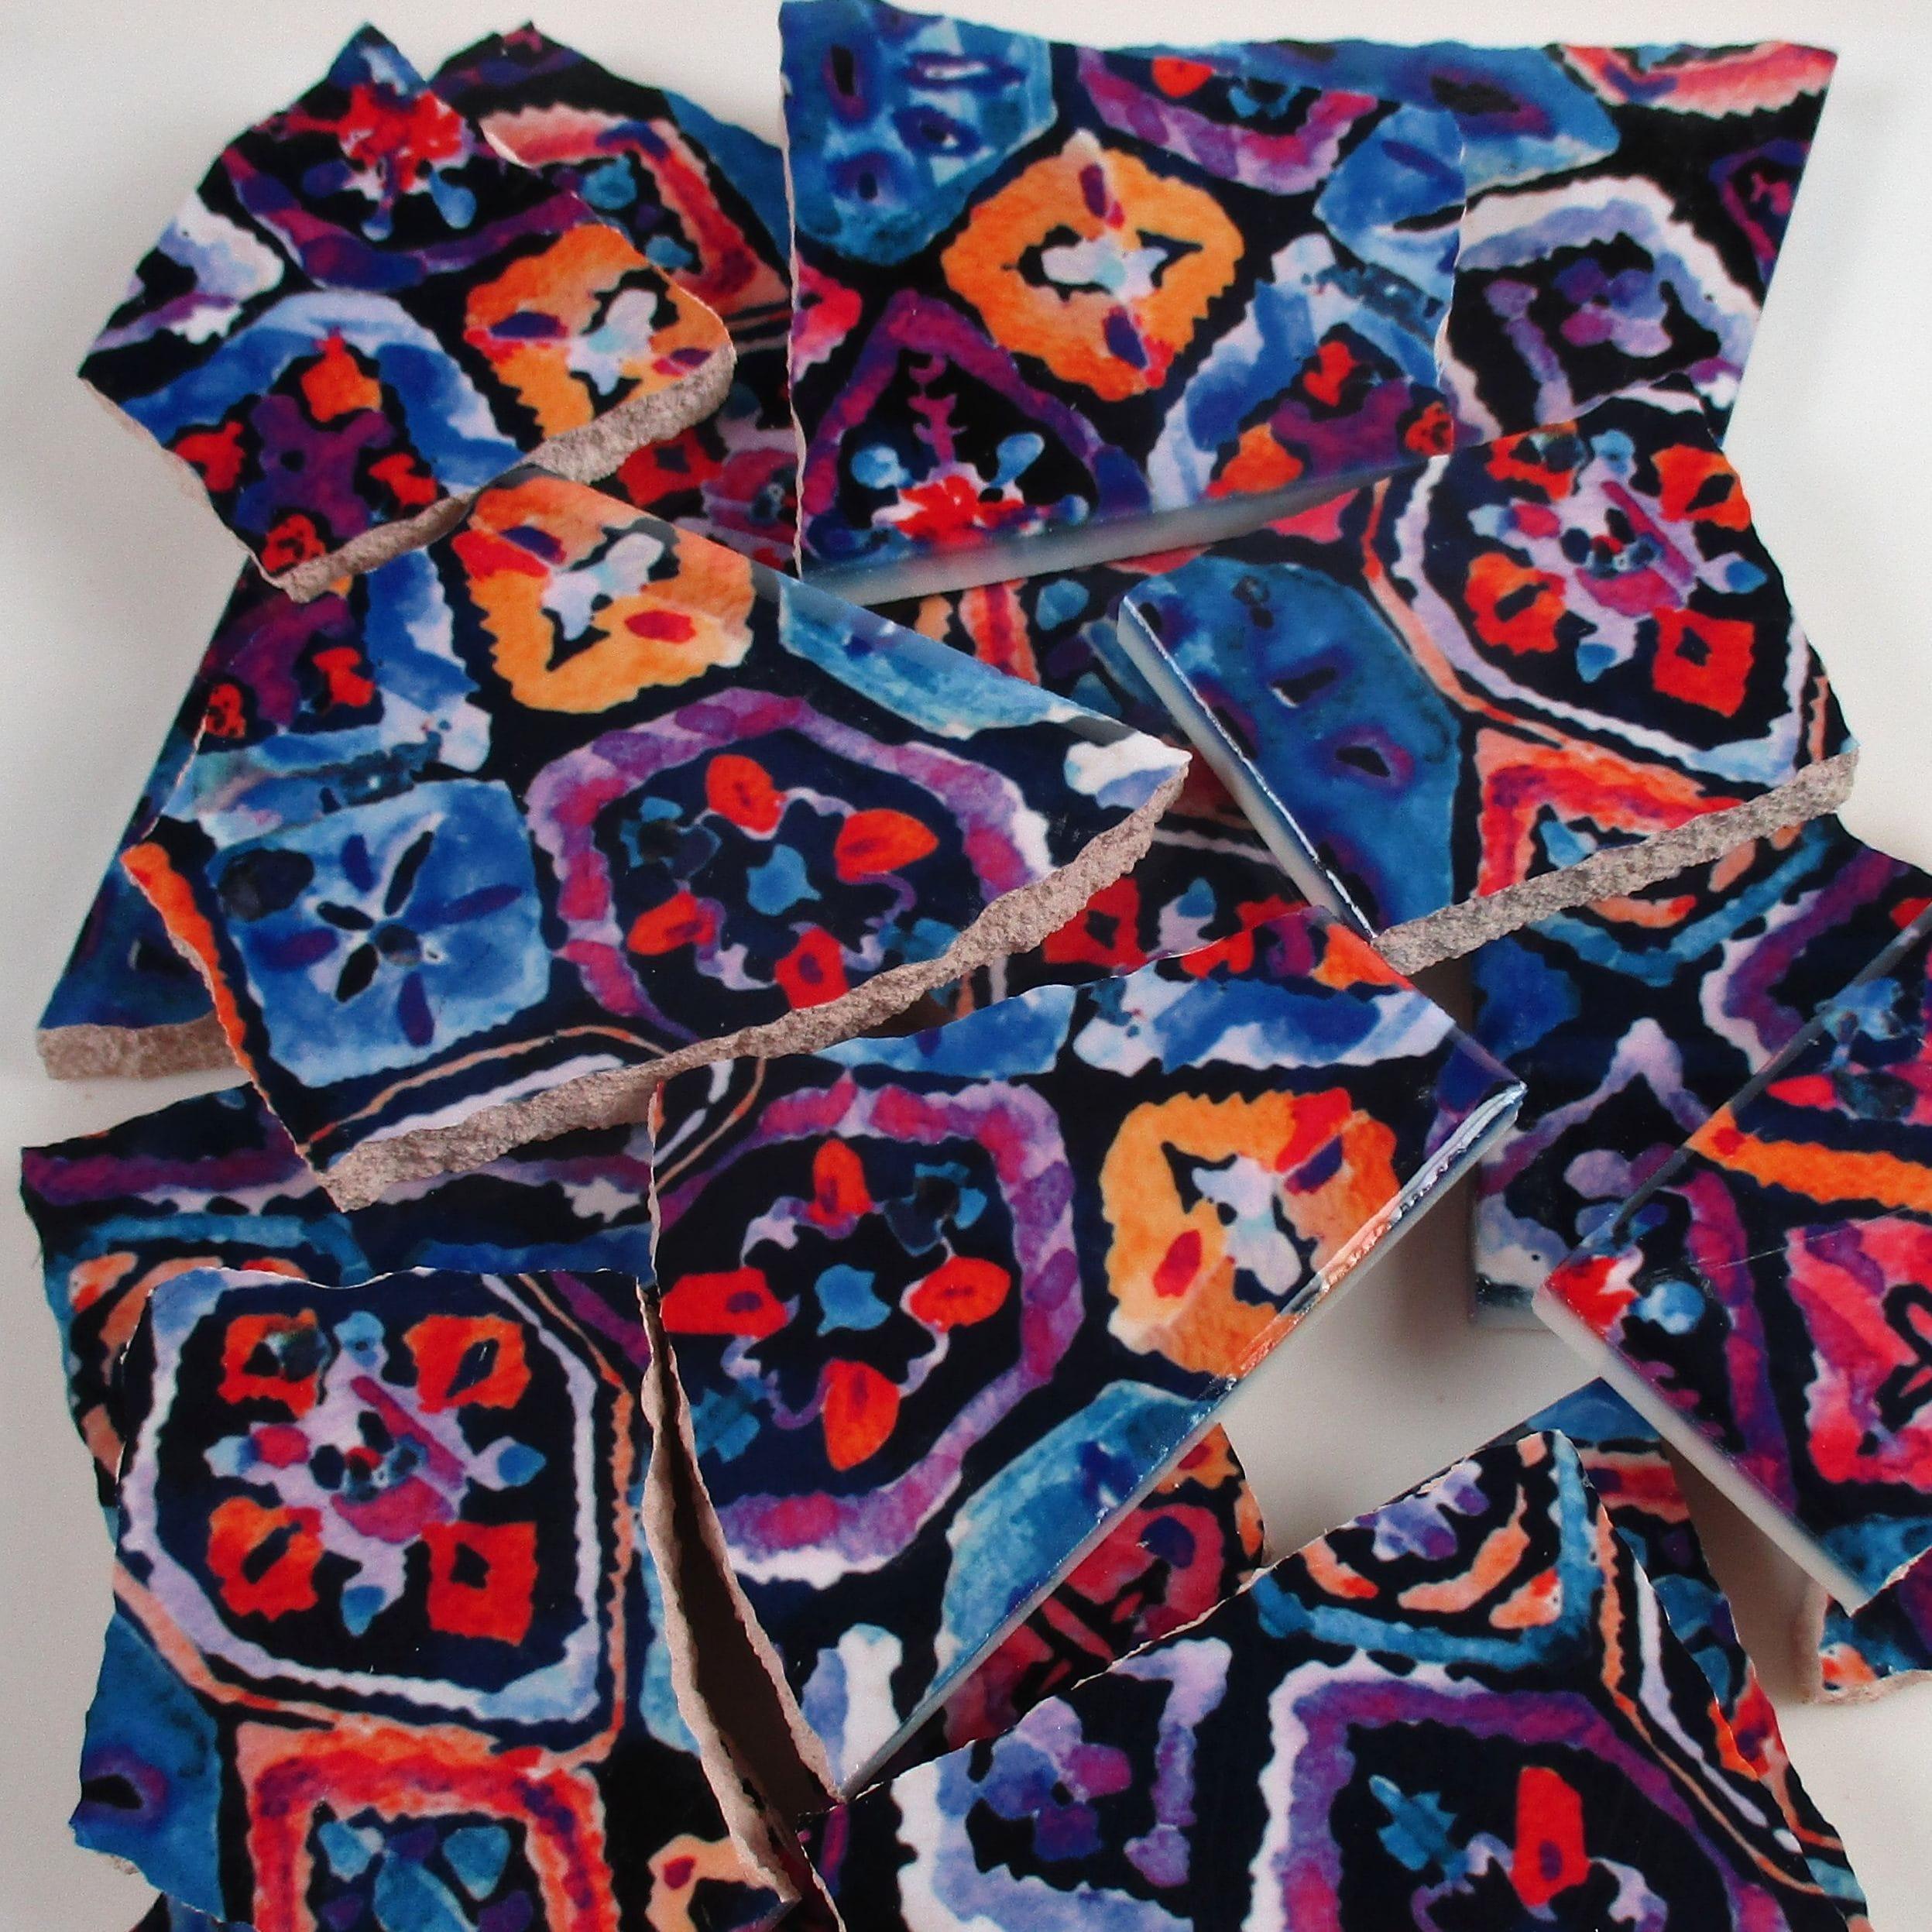 Ceramic Mosaic Tiles Random Cuts Batik Floral Design Blue